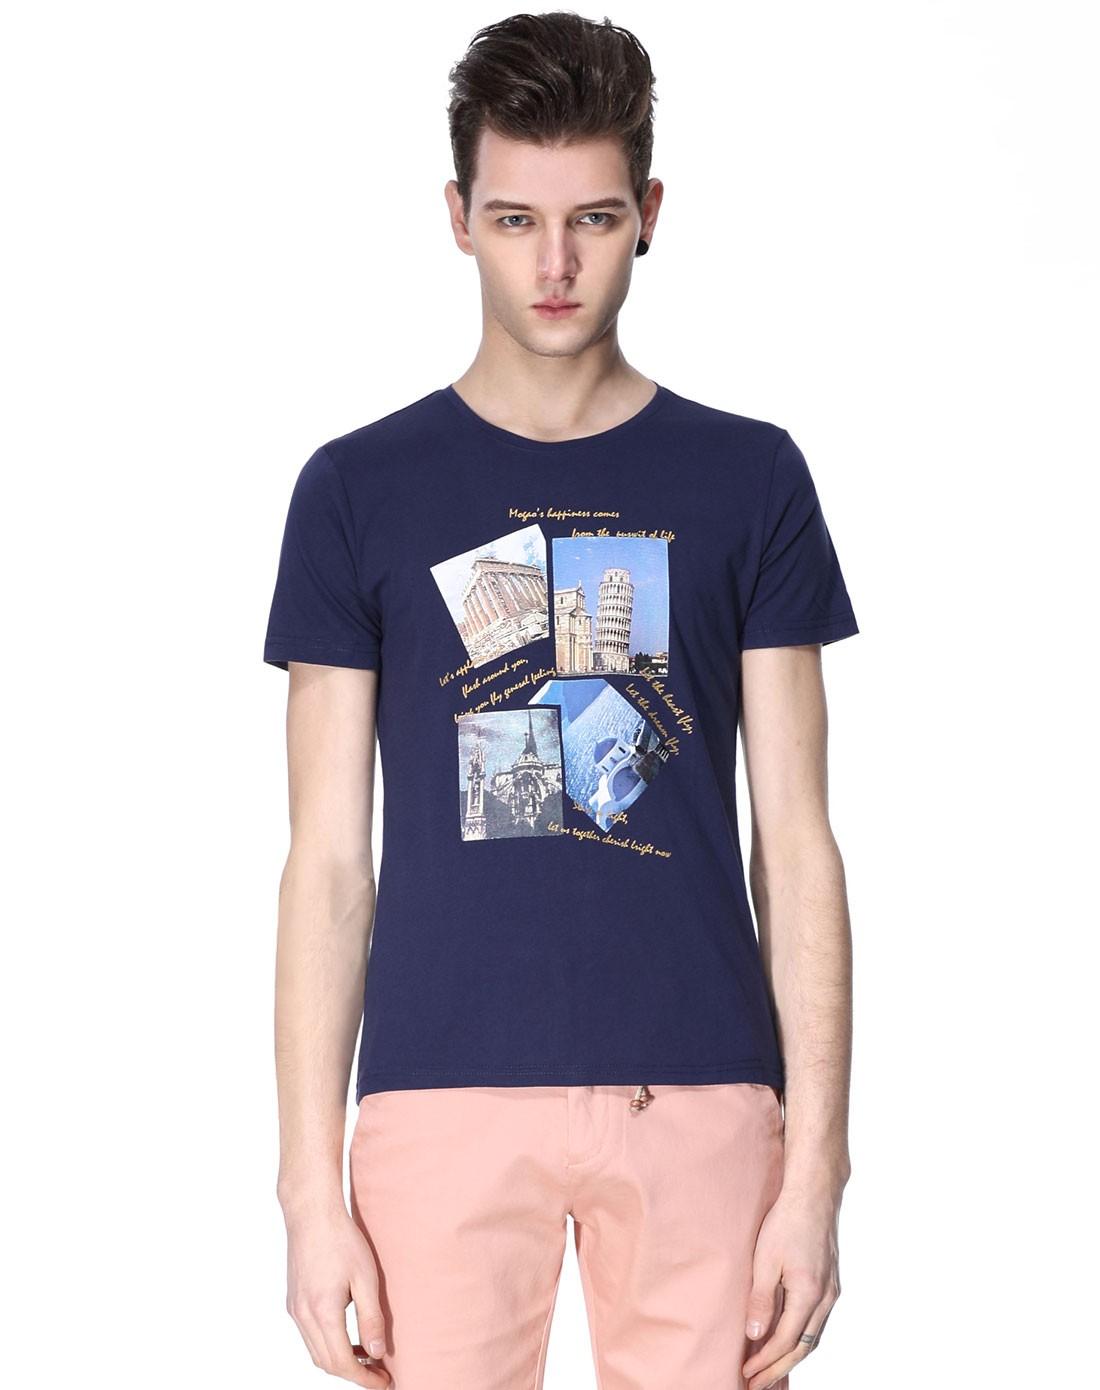 建筑图案藏蓝色短袖圆领t恤